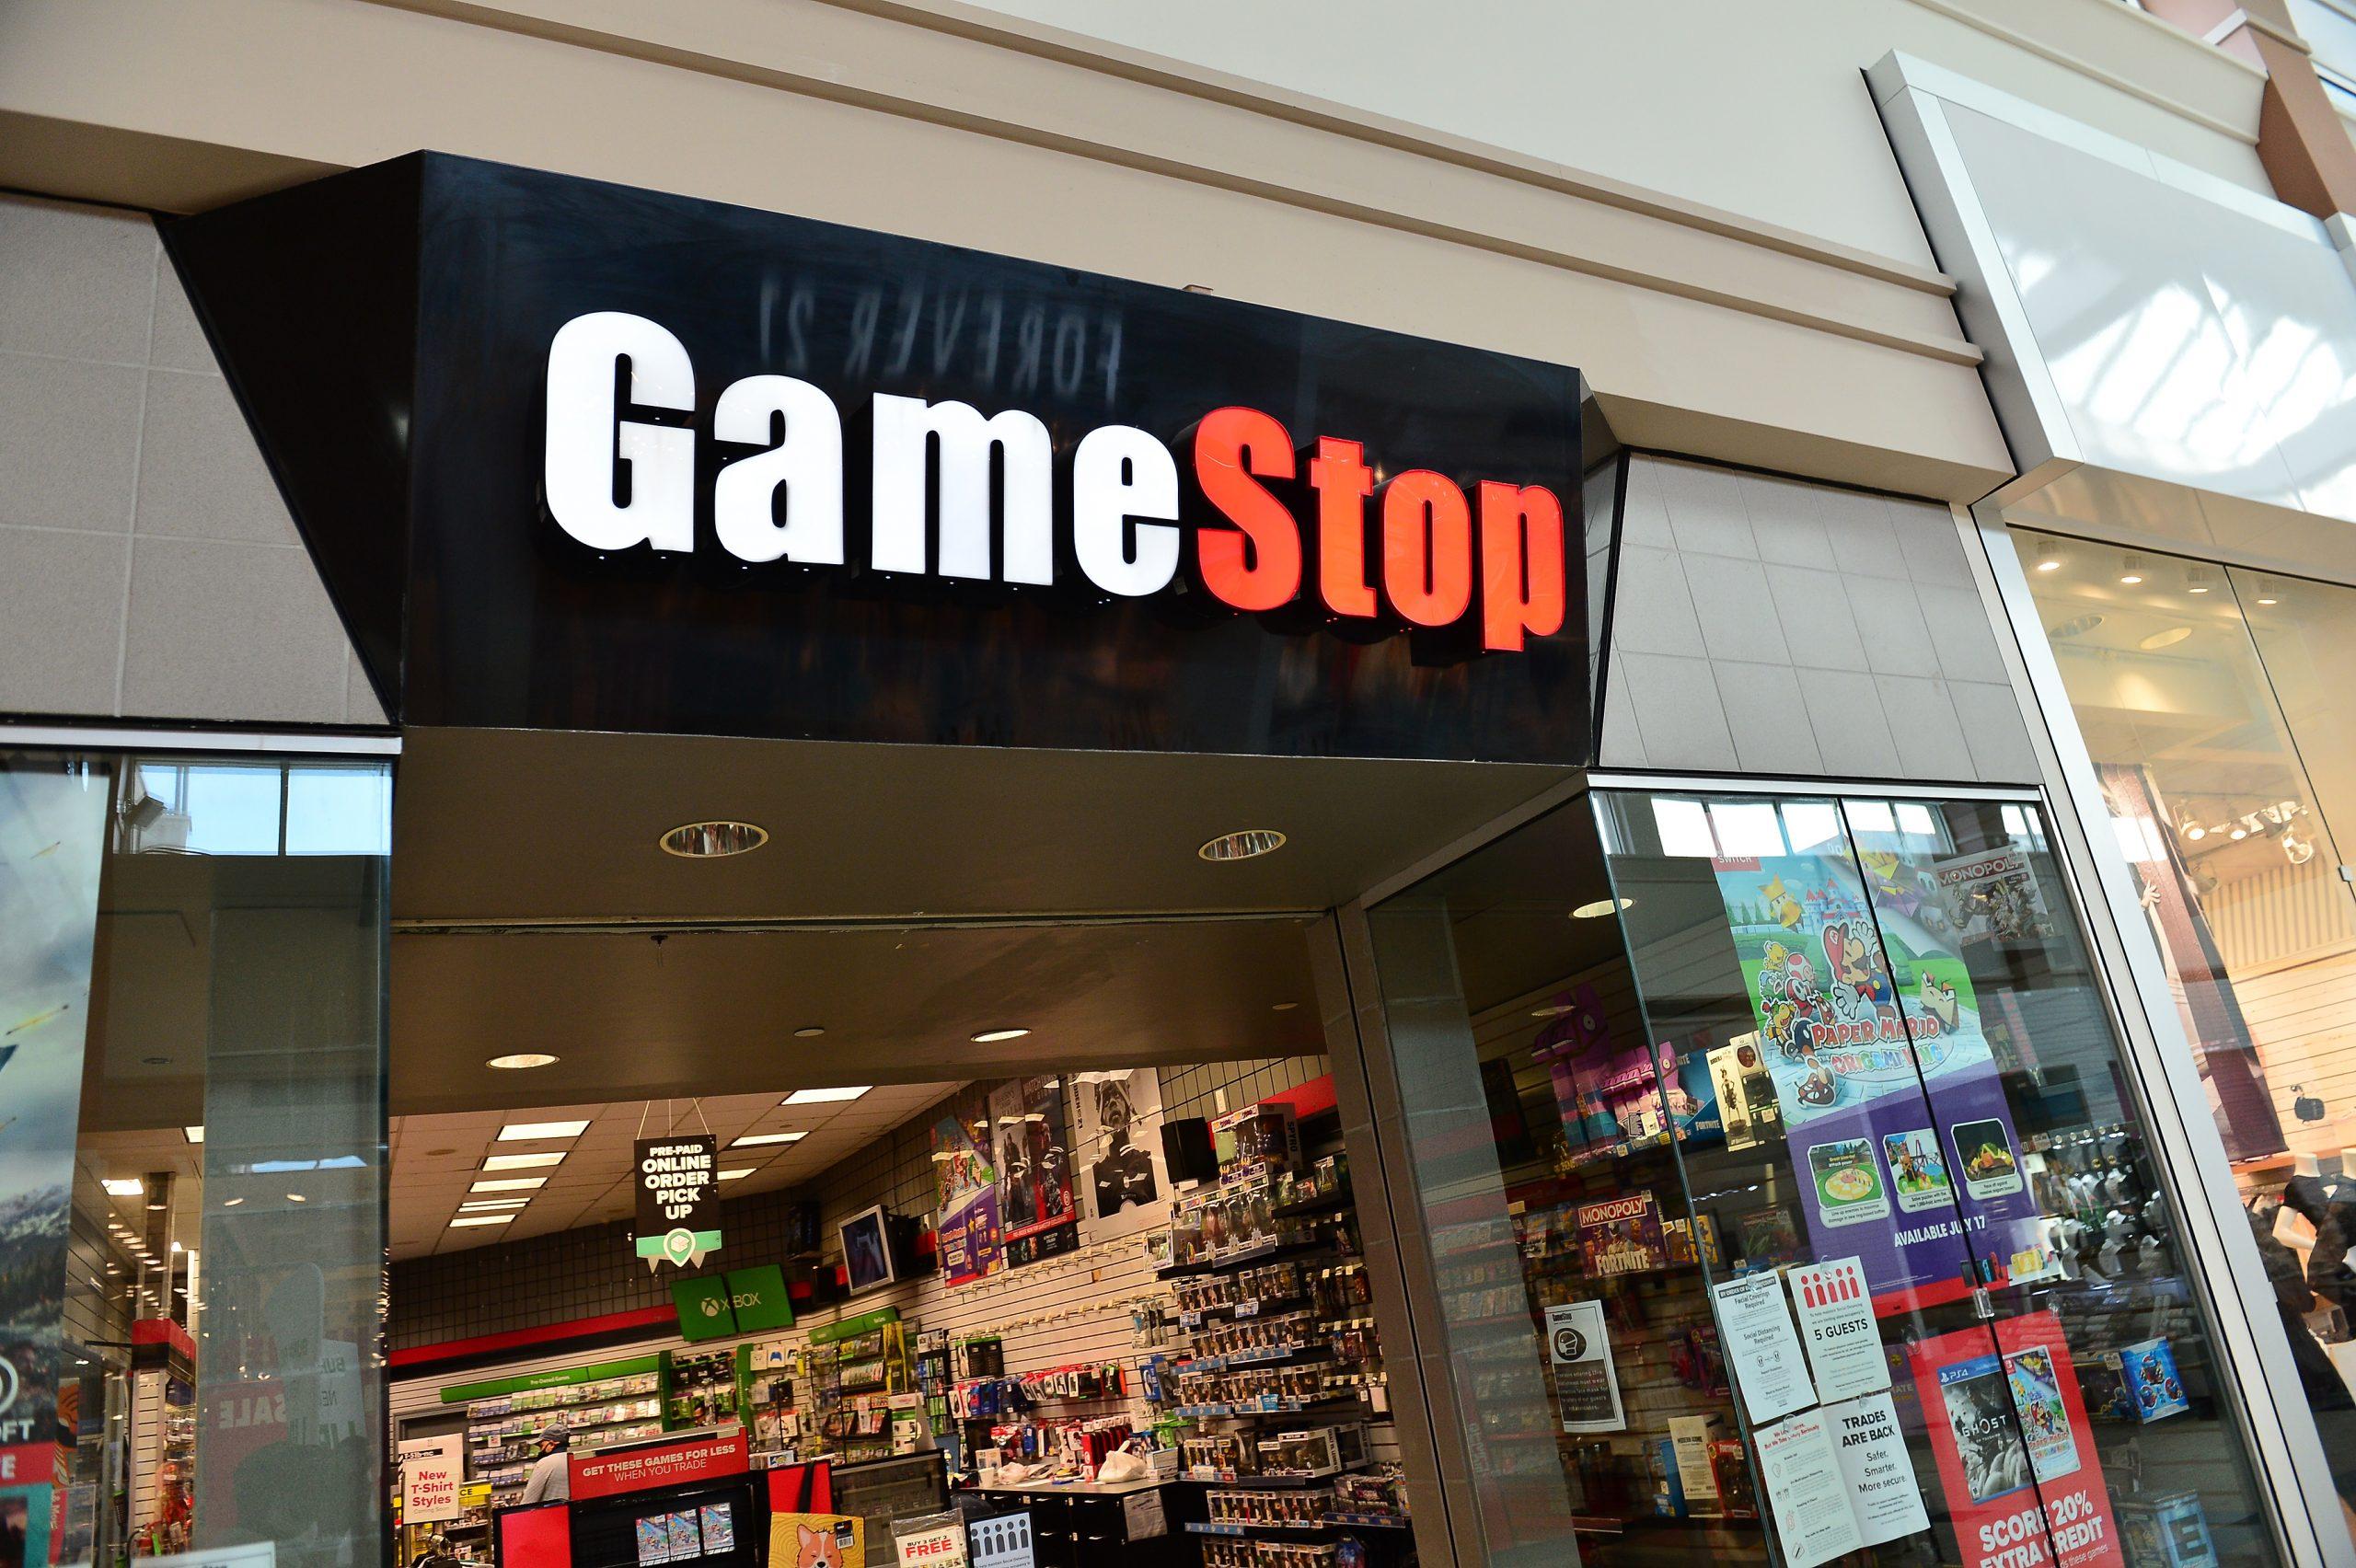 ¿Qué pasa con GameStop y por qué sus acciones se dispararon gracias a Reddit?